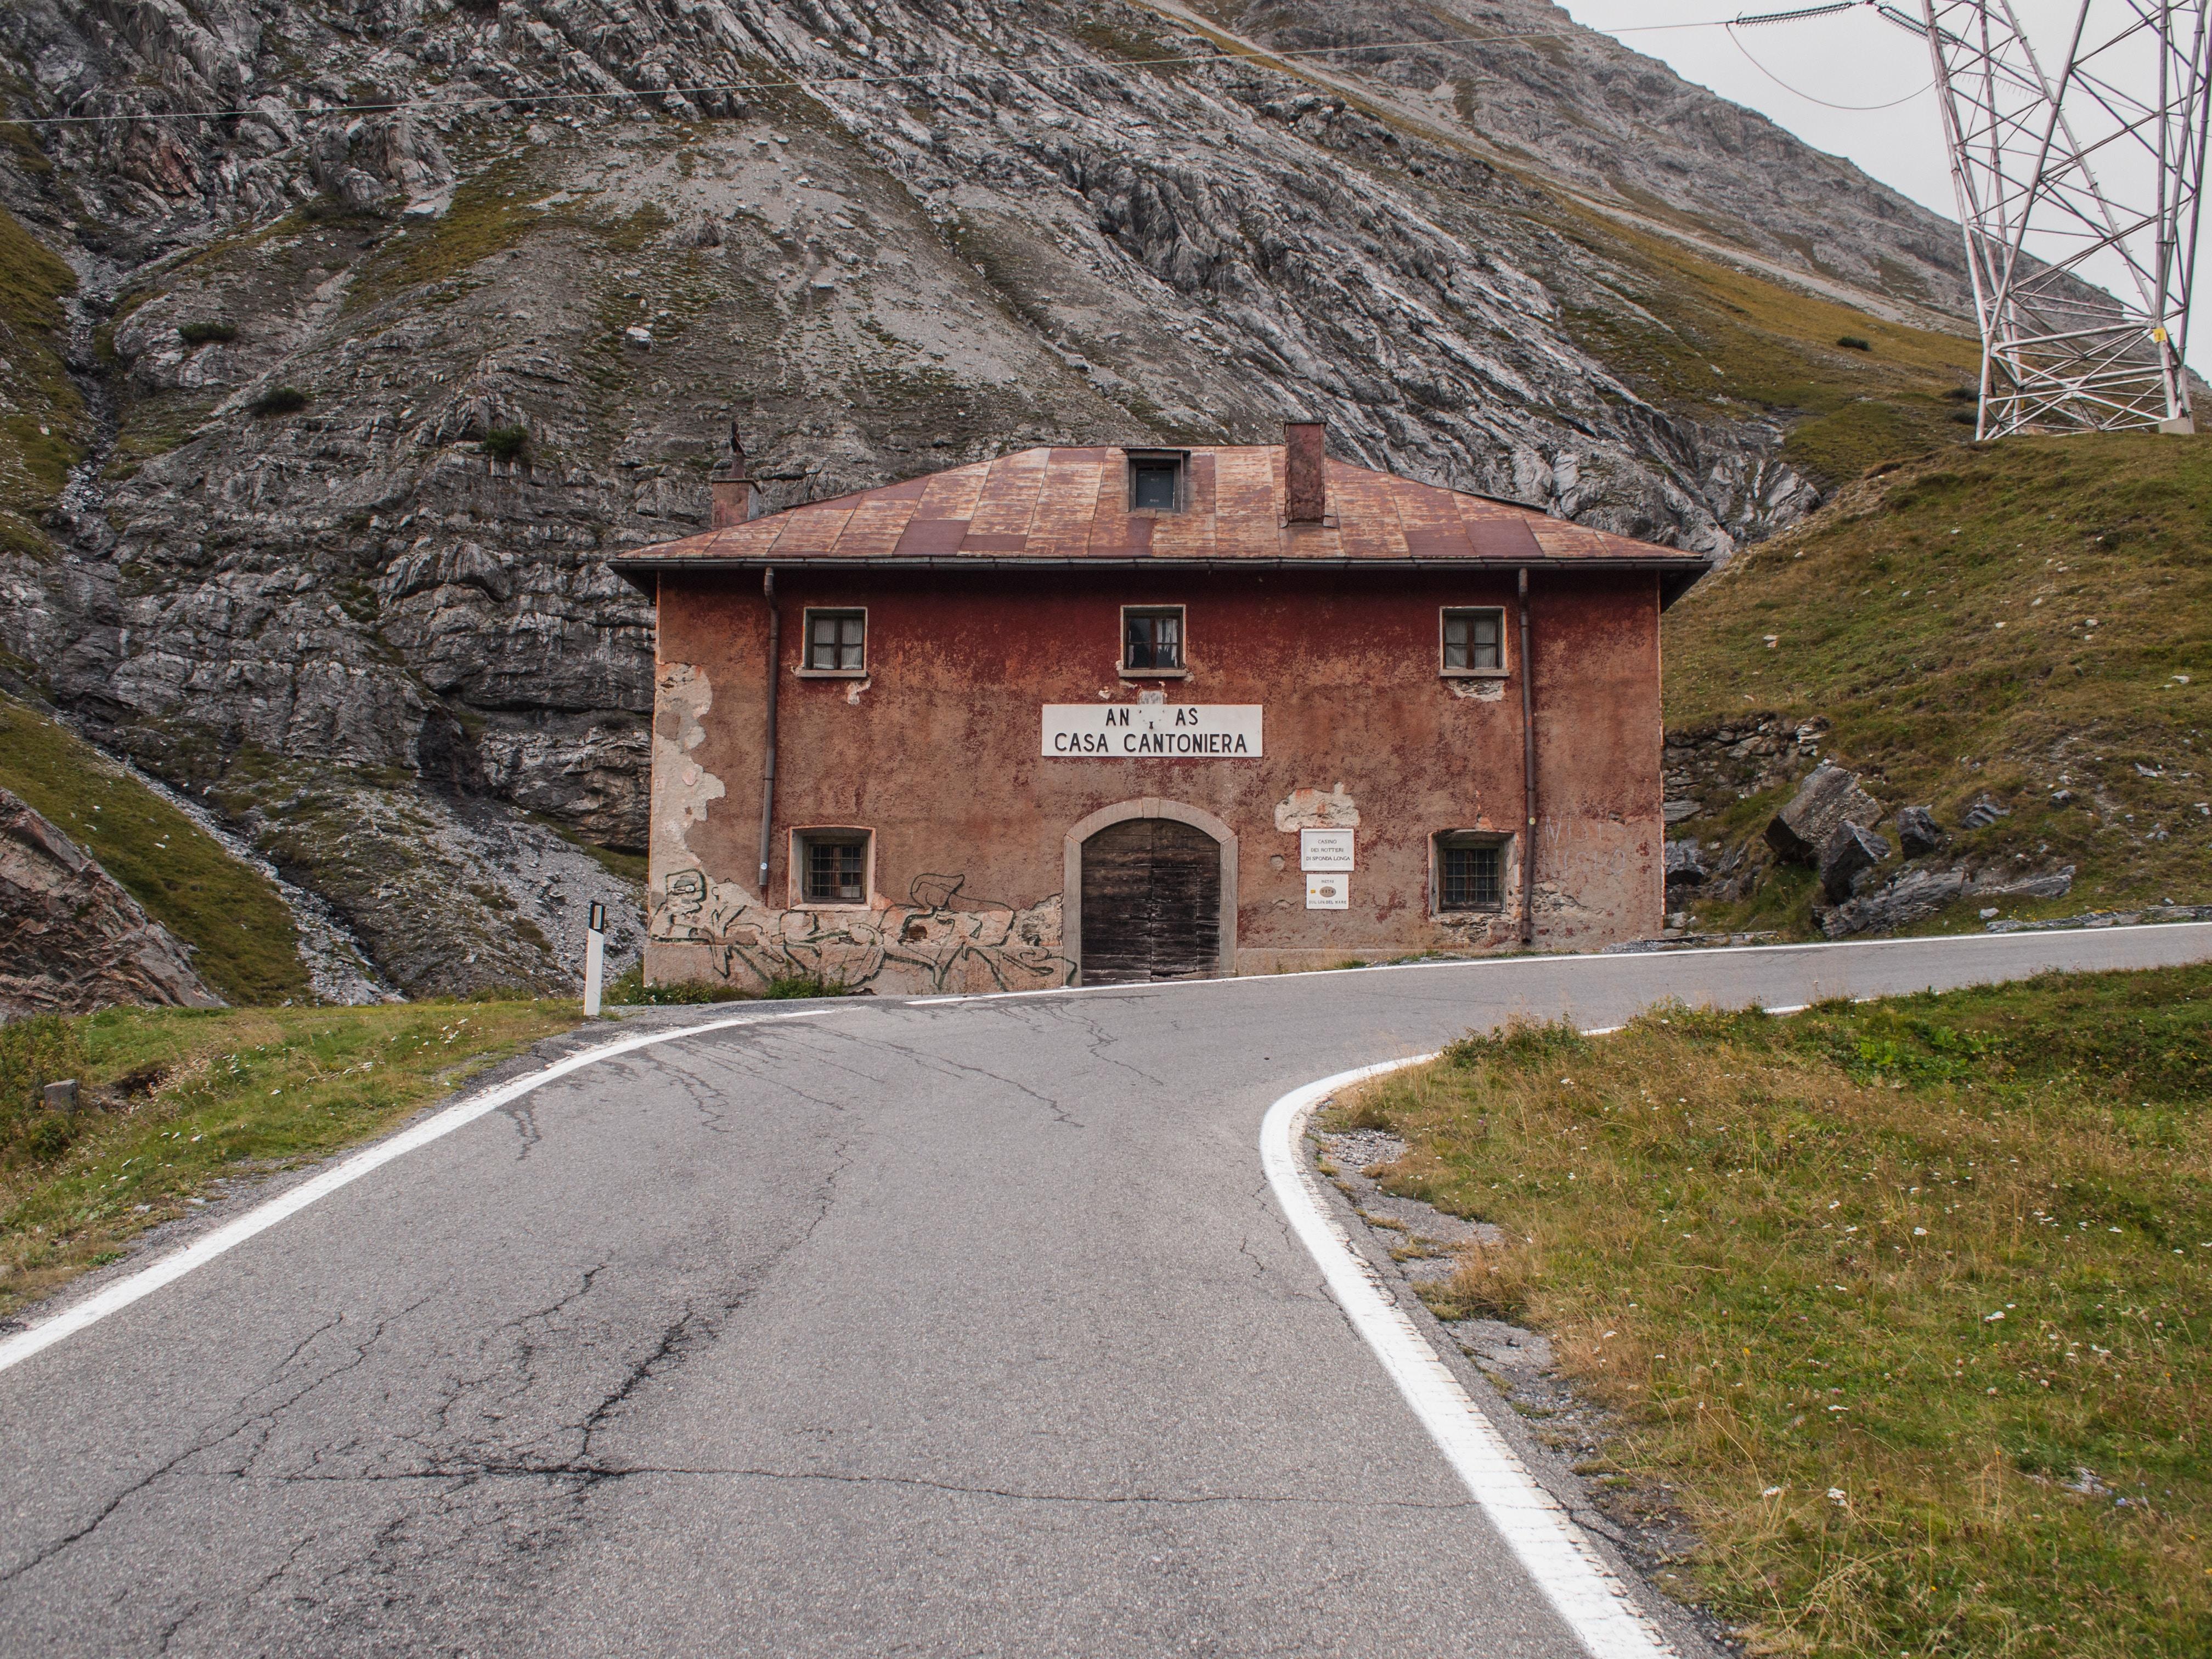 brown brick building beside curved blacktop road